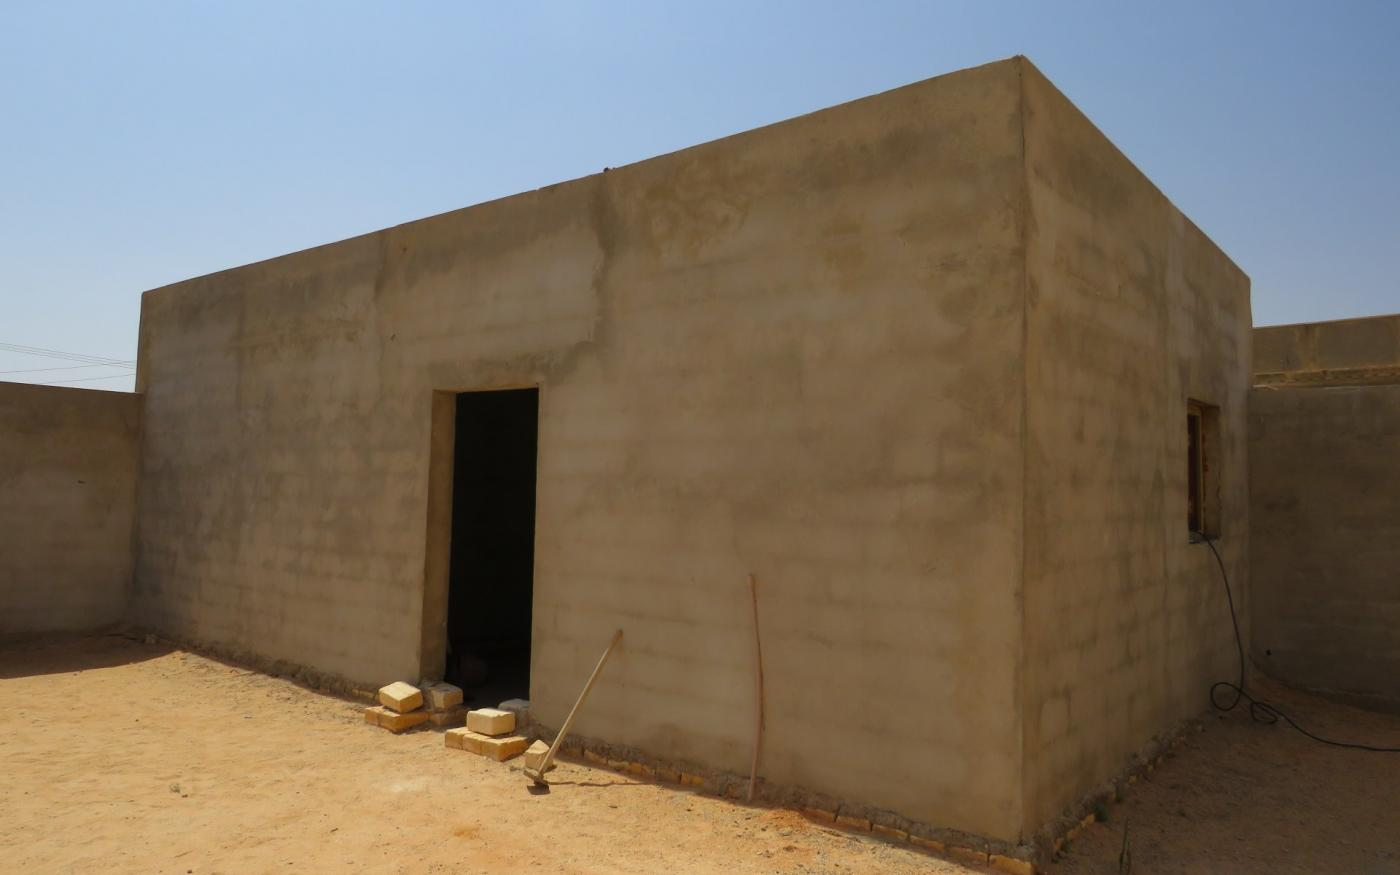 La dépendance où la famille de Mohammed Abu Ajila Enbis a été abattue par des mercenaires étrangers (MEE/Daniel Hilton)